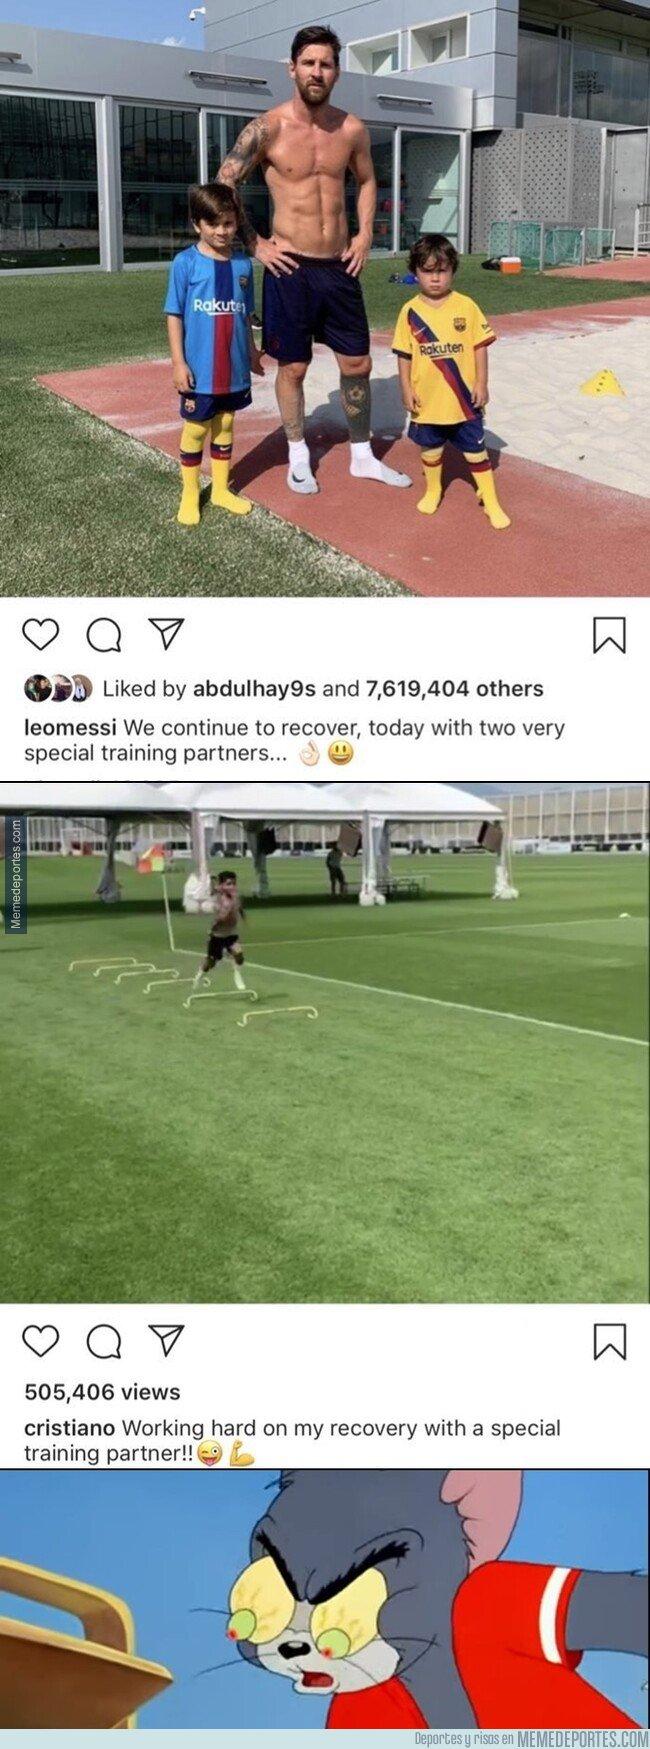 1083630 - ¿Copió Cristiano a Messi hasta en una publicación de Instagram? Incluso la descripción es idéntica.